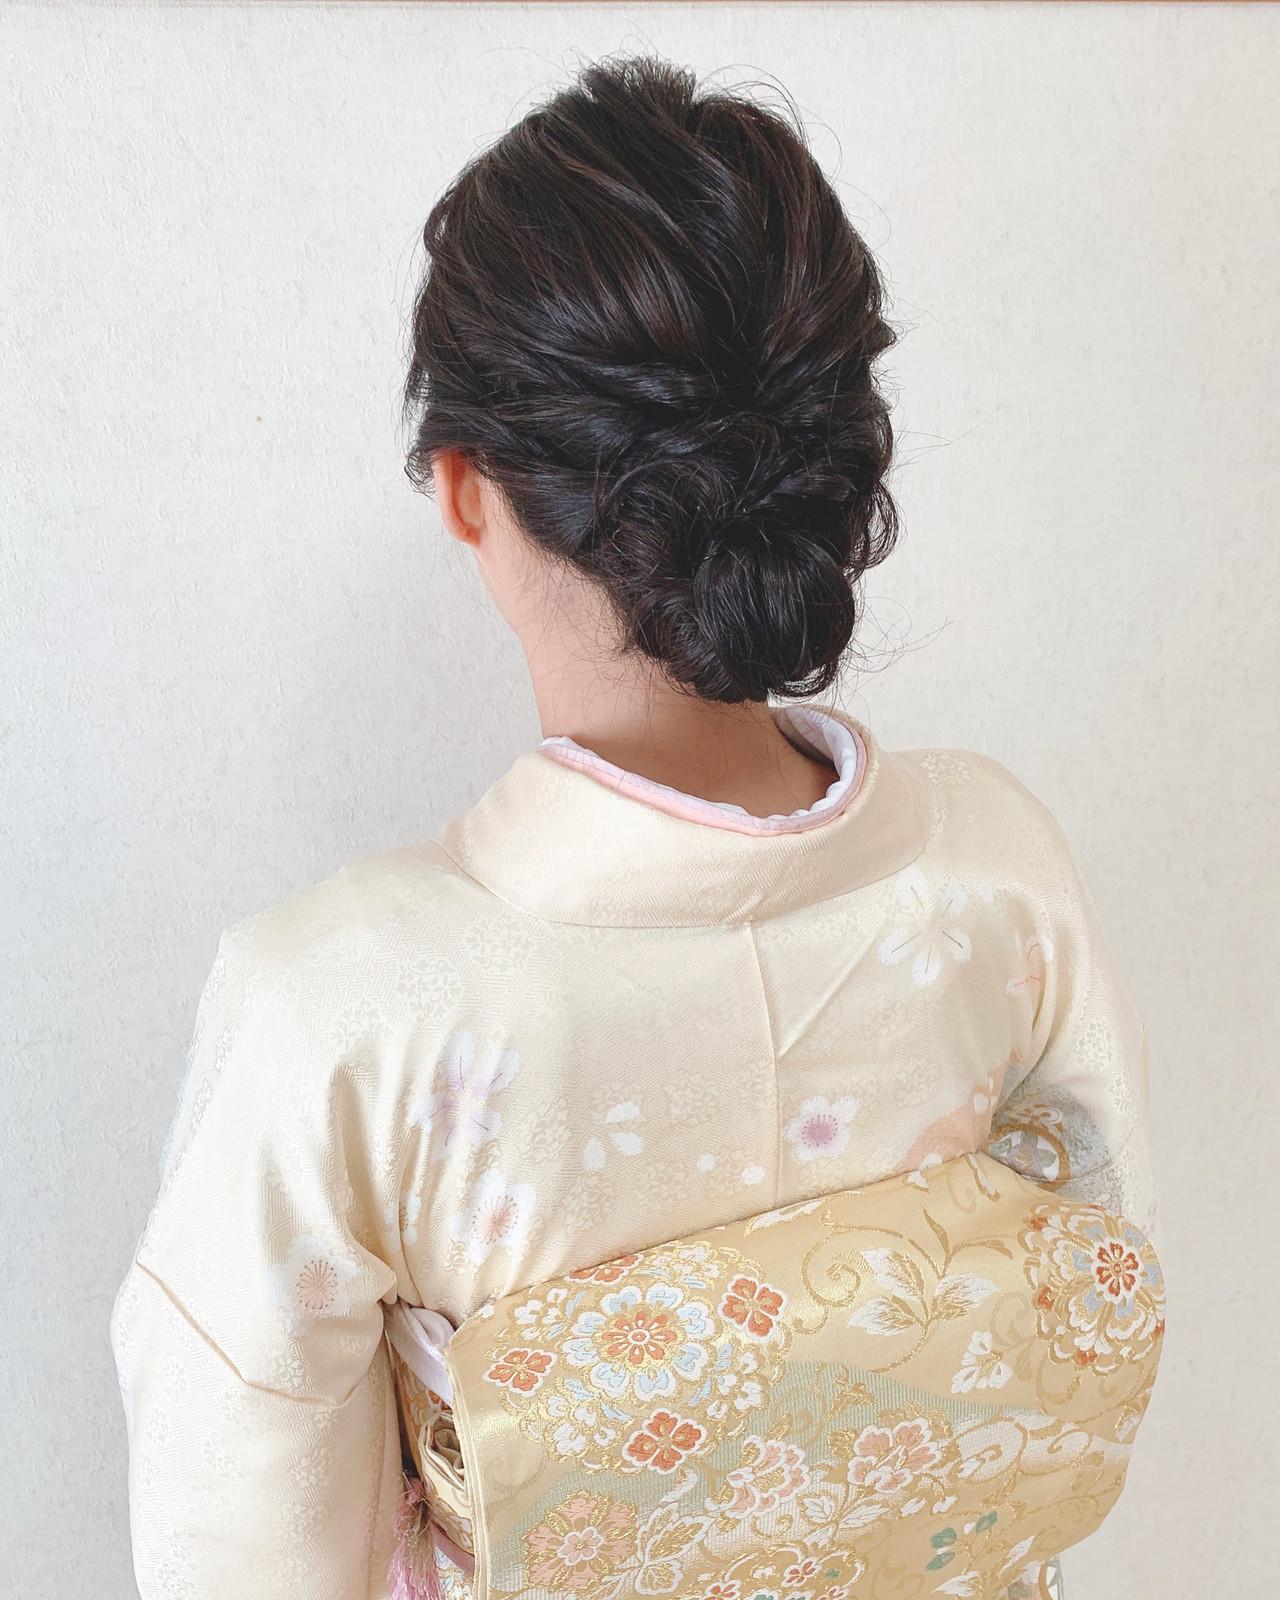 着物 エレガント アップスタイル お呼ばれ ヘアスタイルや髪型の写真・画像 | Moriyama Mami / 福岡天神ヘアセット・着付け専門店【Three-keys】